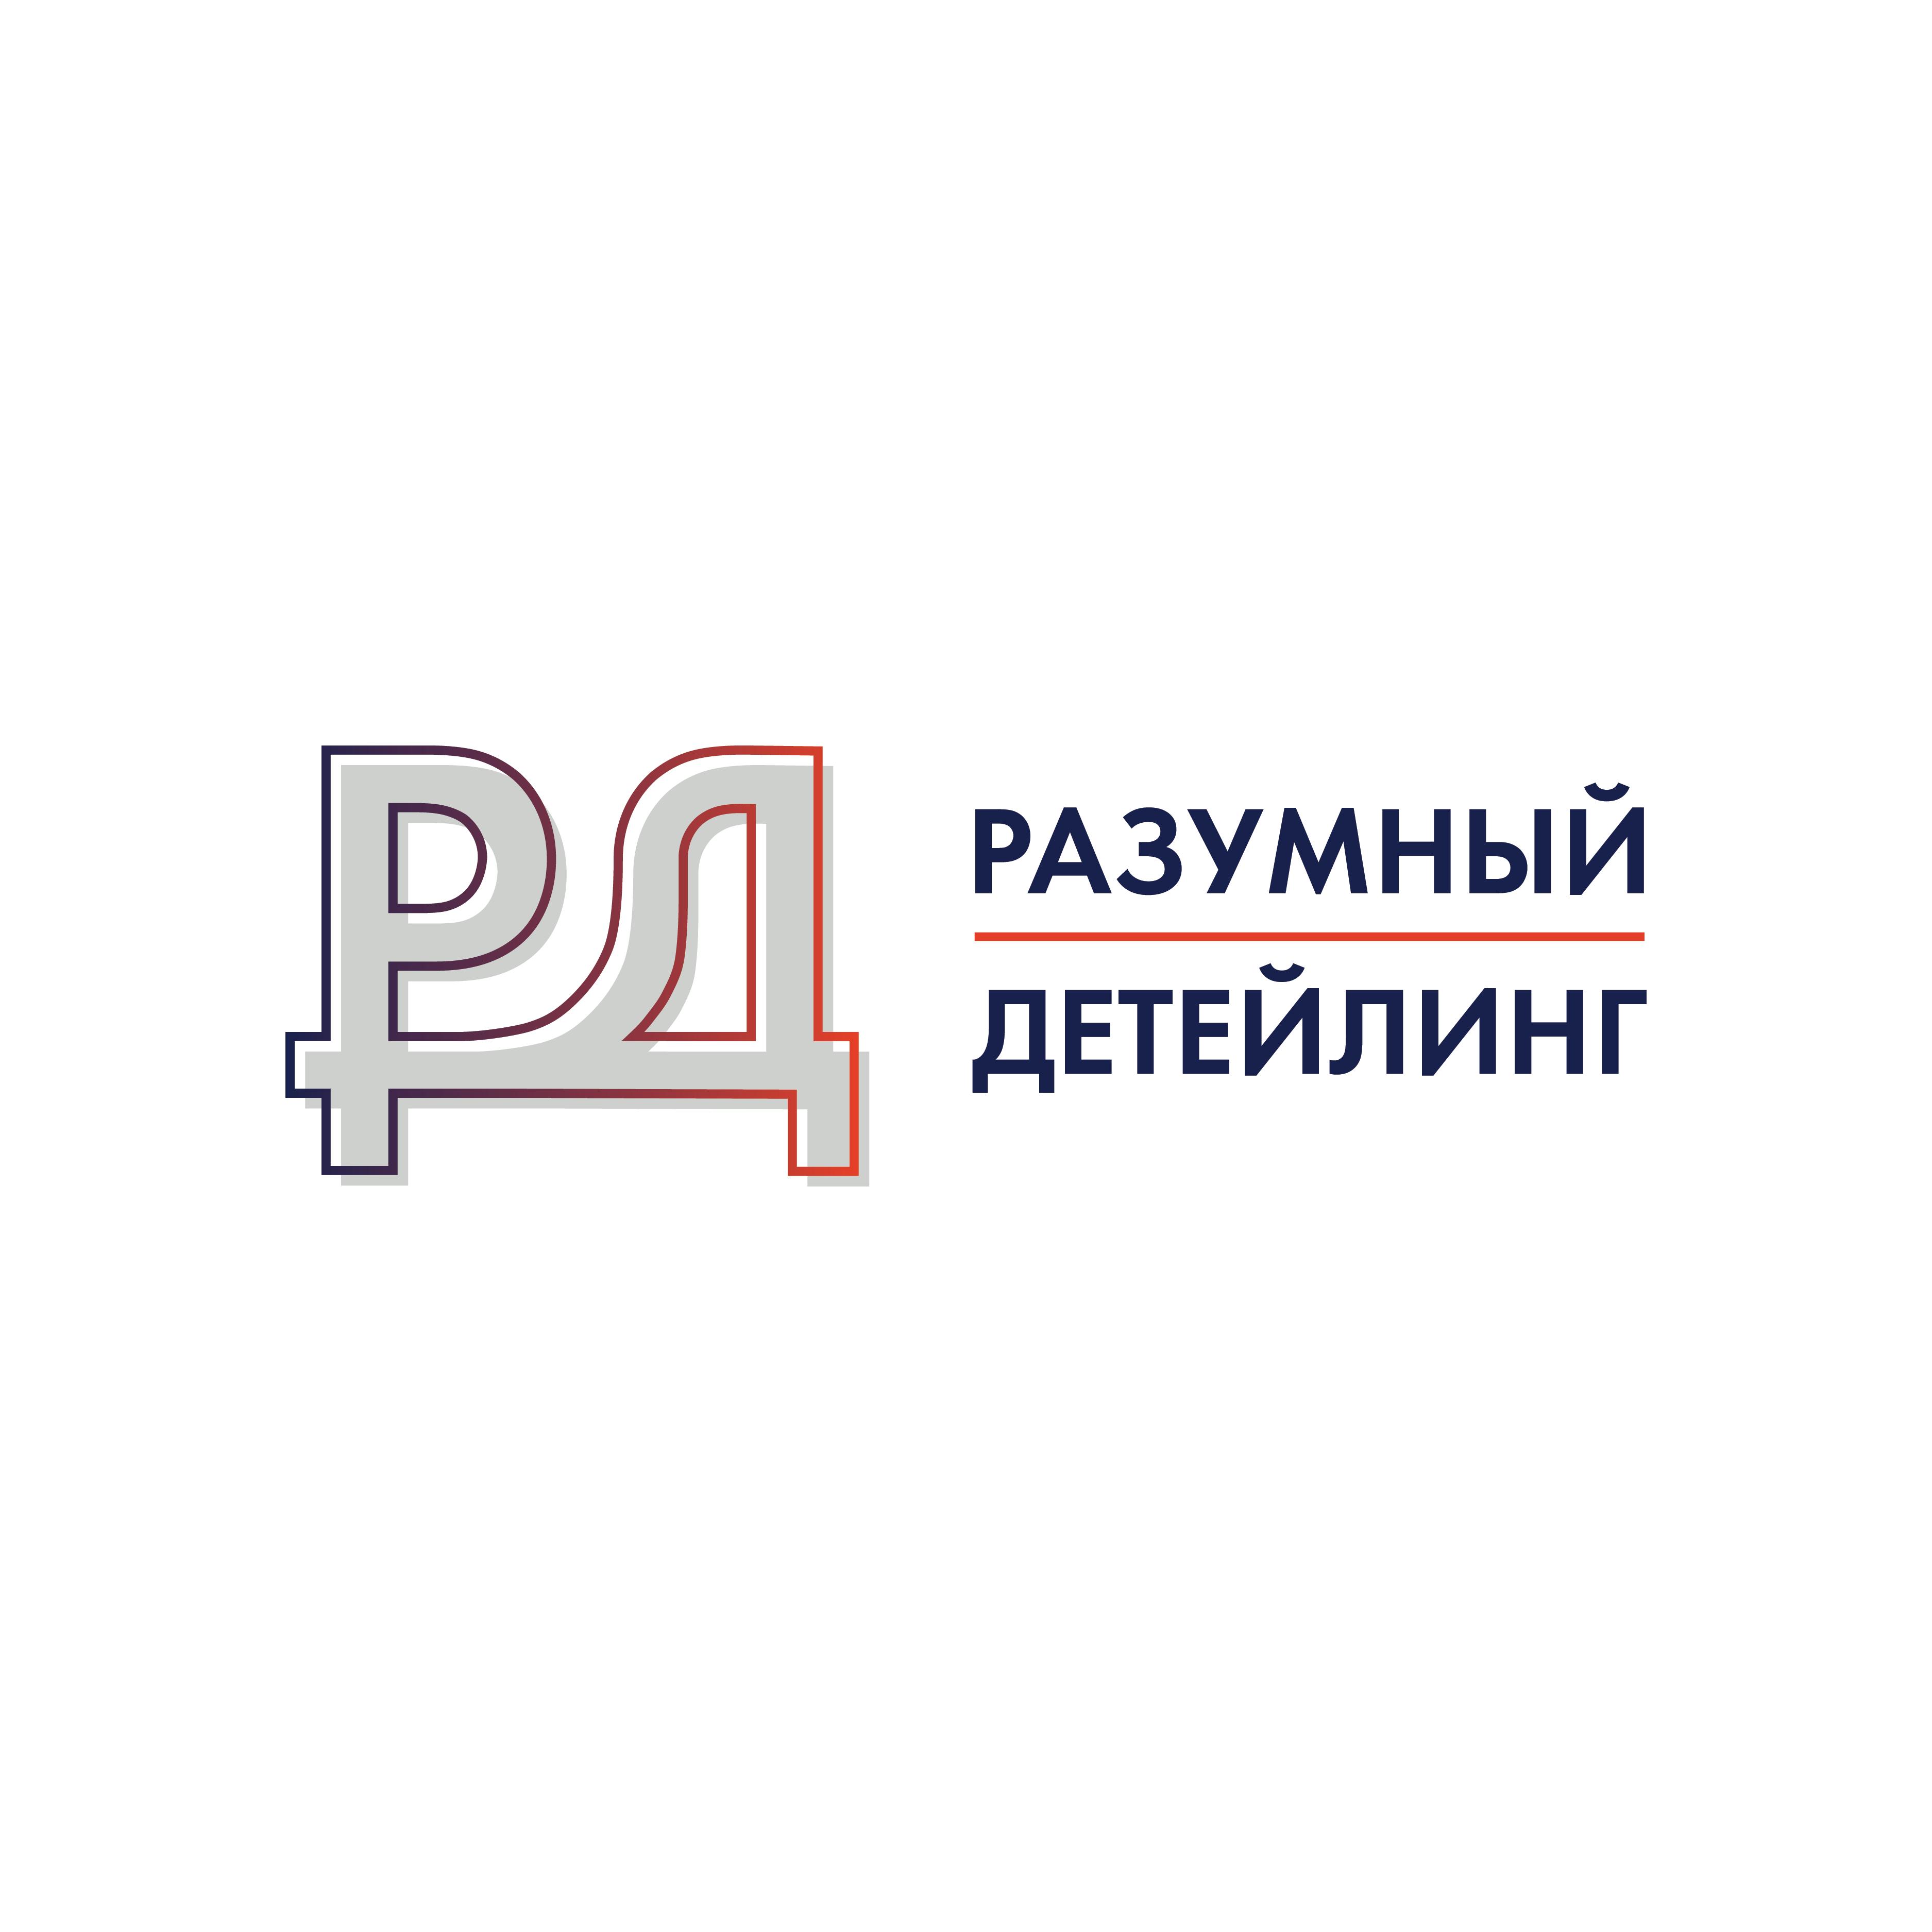 Ребрендинг логотипа  фото f_9805ae1d1384c87f.png